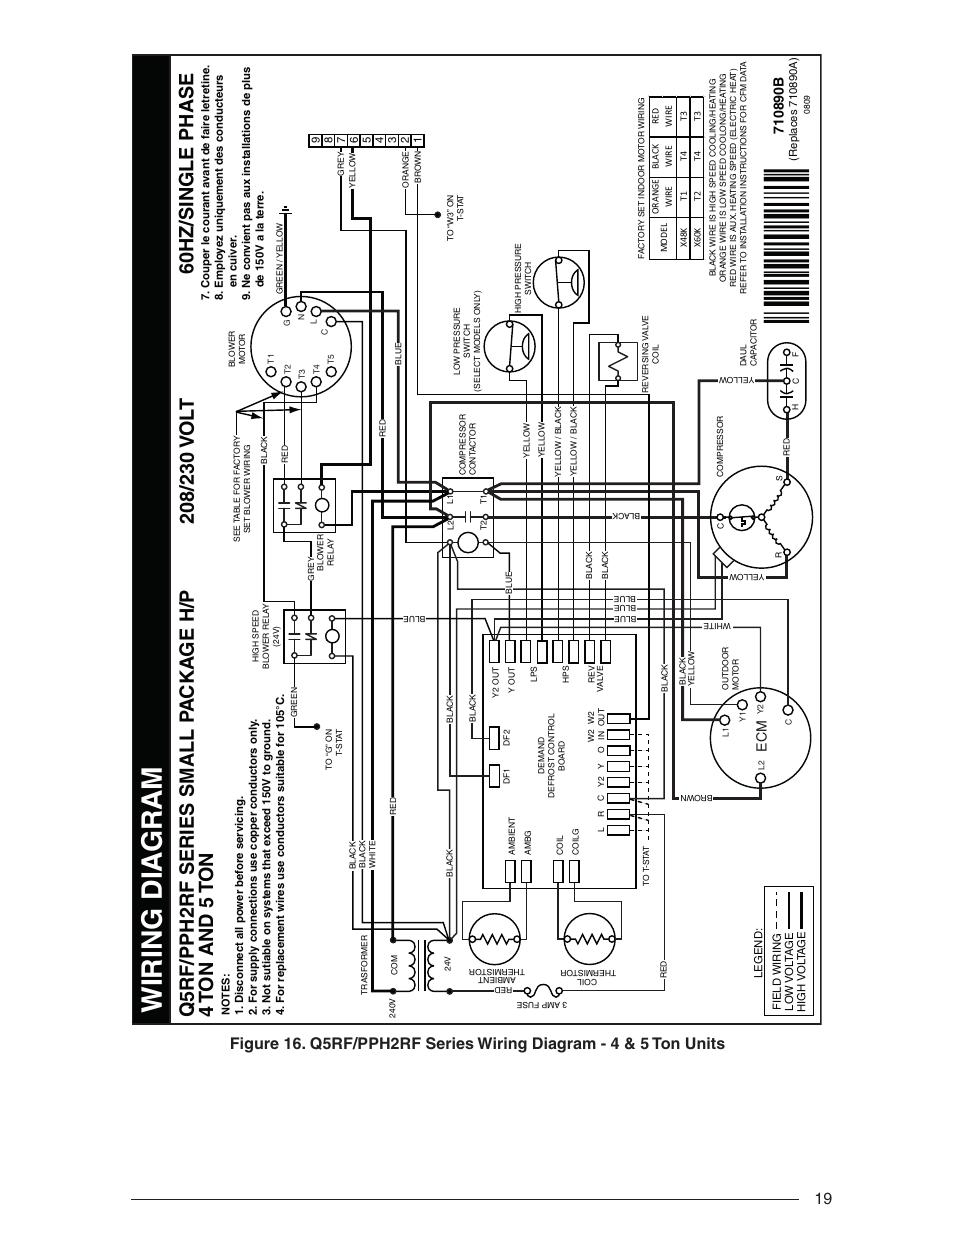 medium resolution of singer heat pump wiring diagram miller heat pump wiring diagram bard heat pump wiring